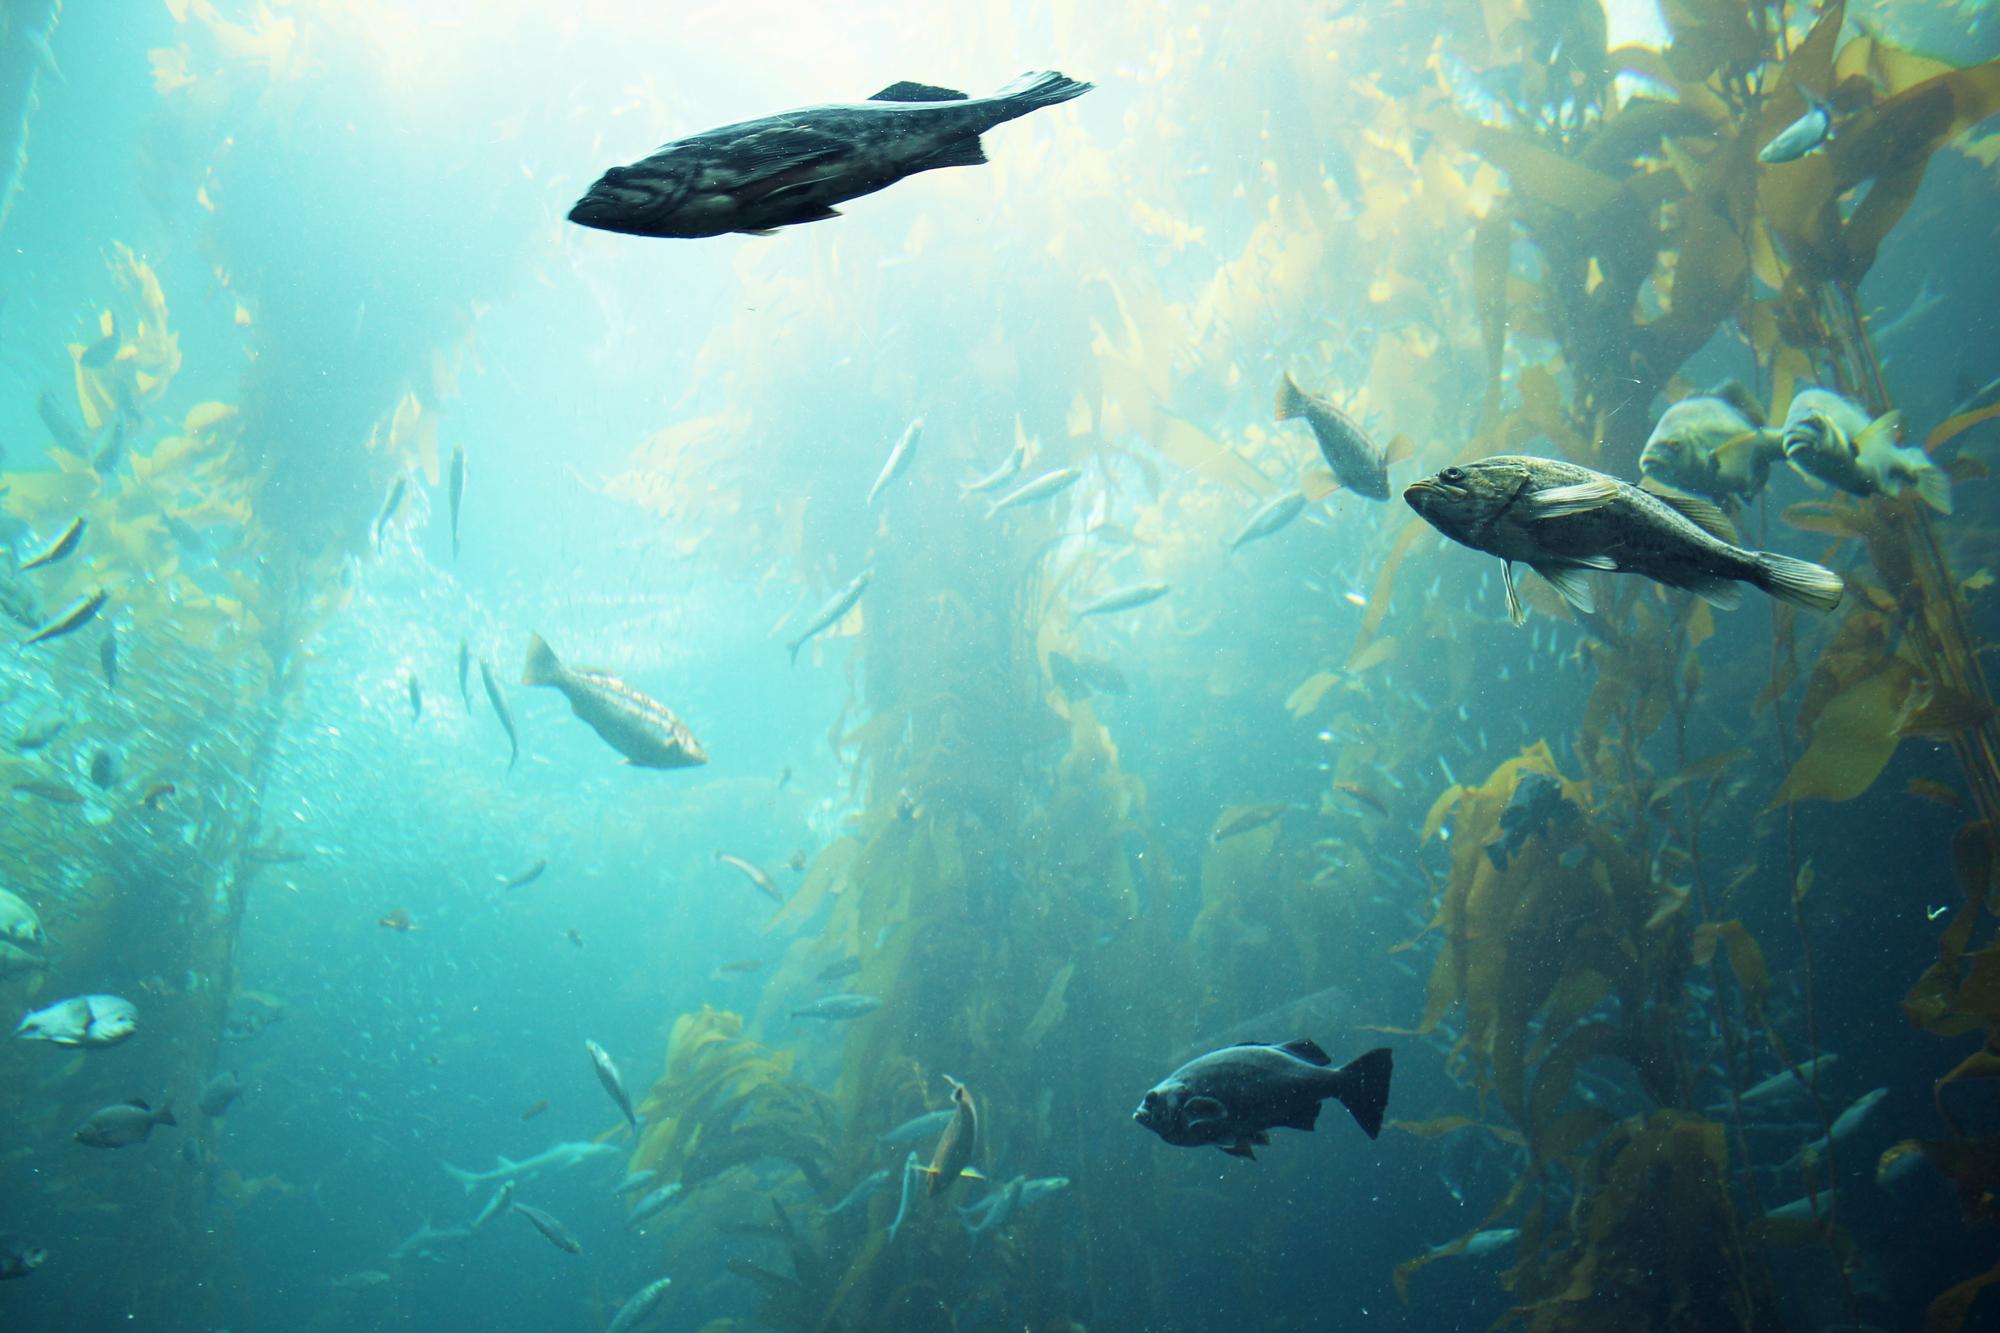 The Kelp Forest in Monterey Aquarium, California